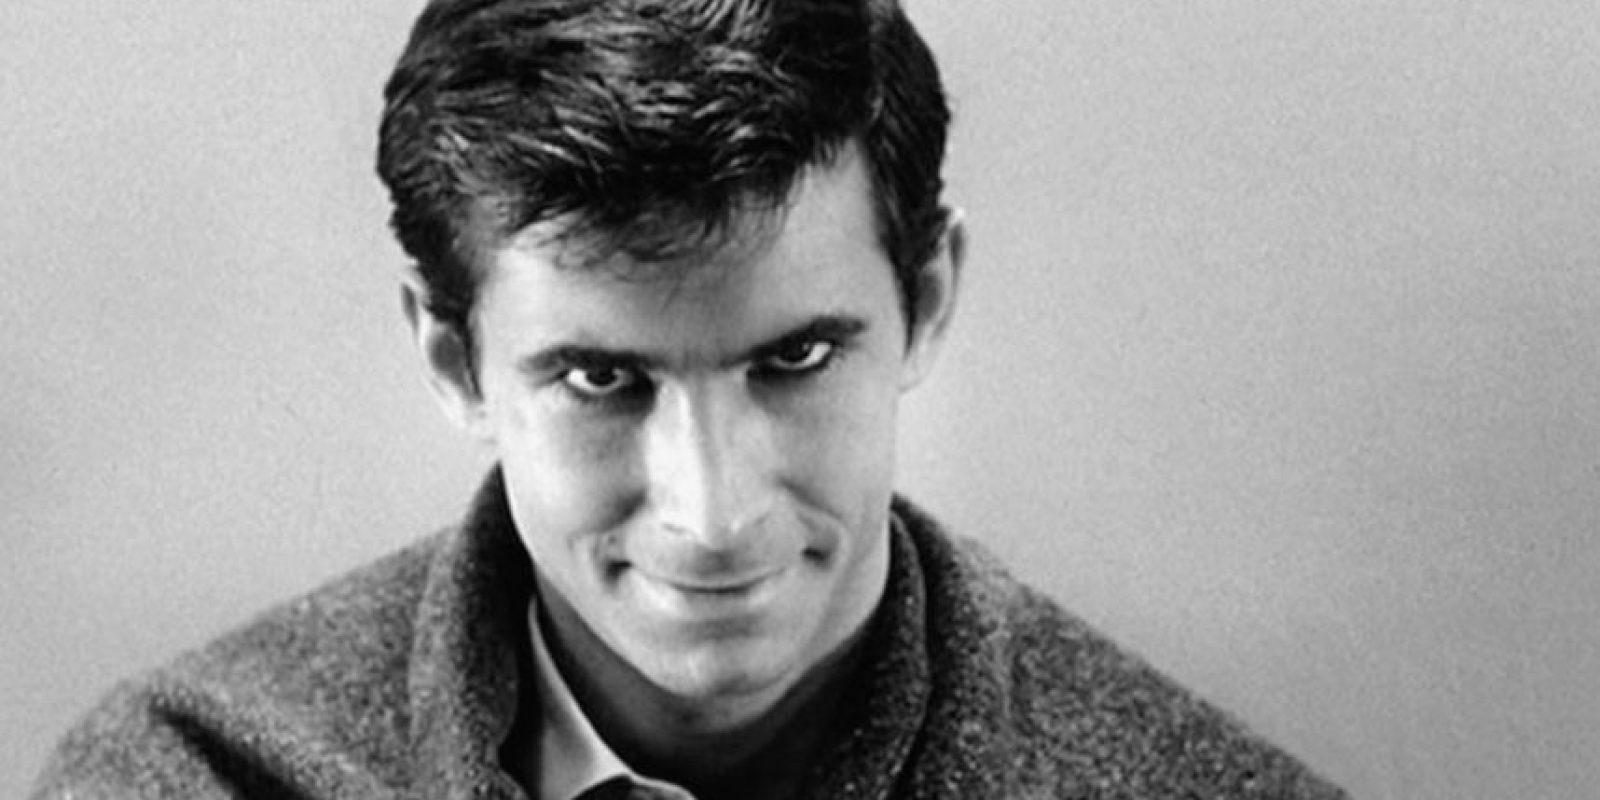 """Norman Bates es el protagonista de la trilogía de """"Psicosis"""". Desarrolla una perversa relación de dependencia emocional con su madre, Norma Bates, quien le enseña que las mujeres y el sexo son algo sucio. También tiene una relación medio incestuosa con ella. Foto:vía Universal Pictures"""